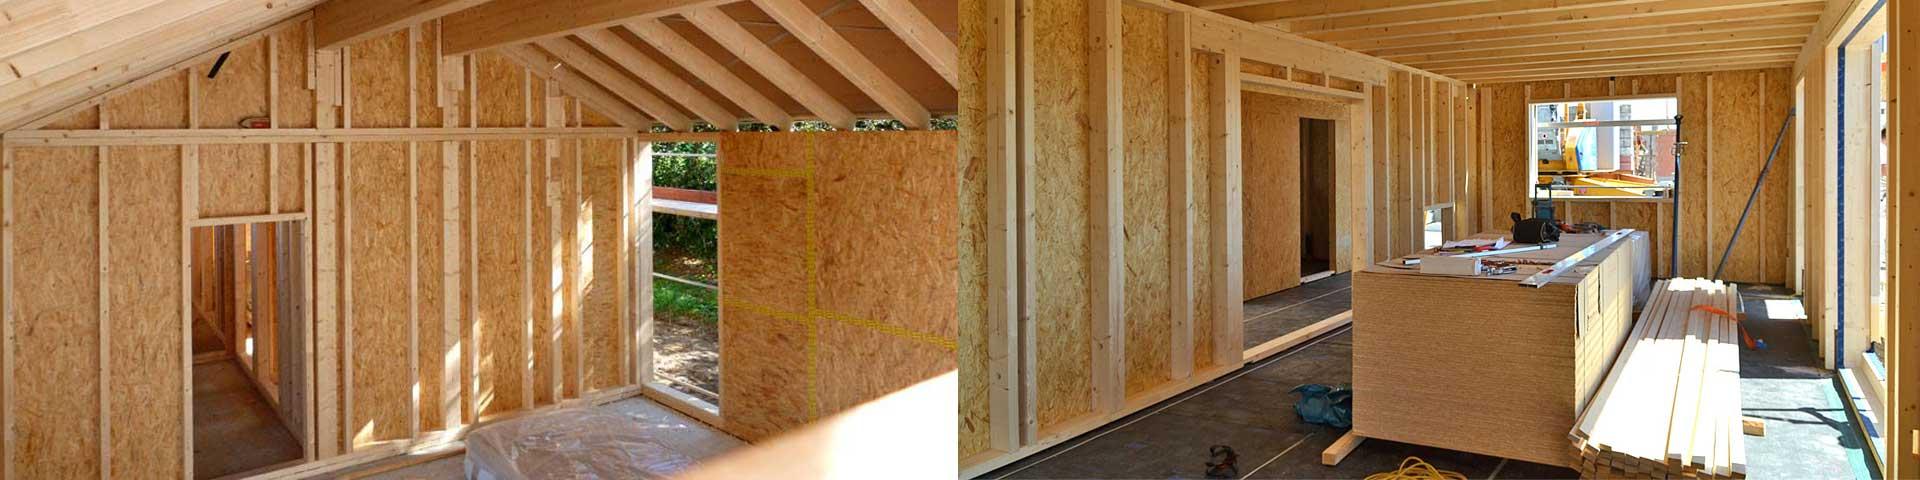 Výsledok vyhľadávania obrázkov pre dopyt drevodom konstrukcia